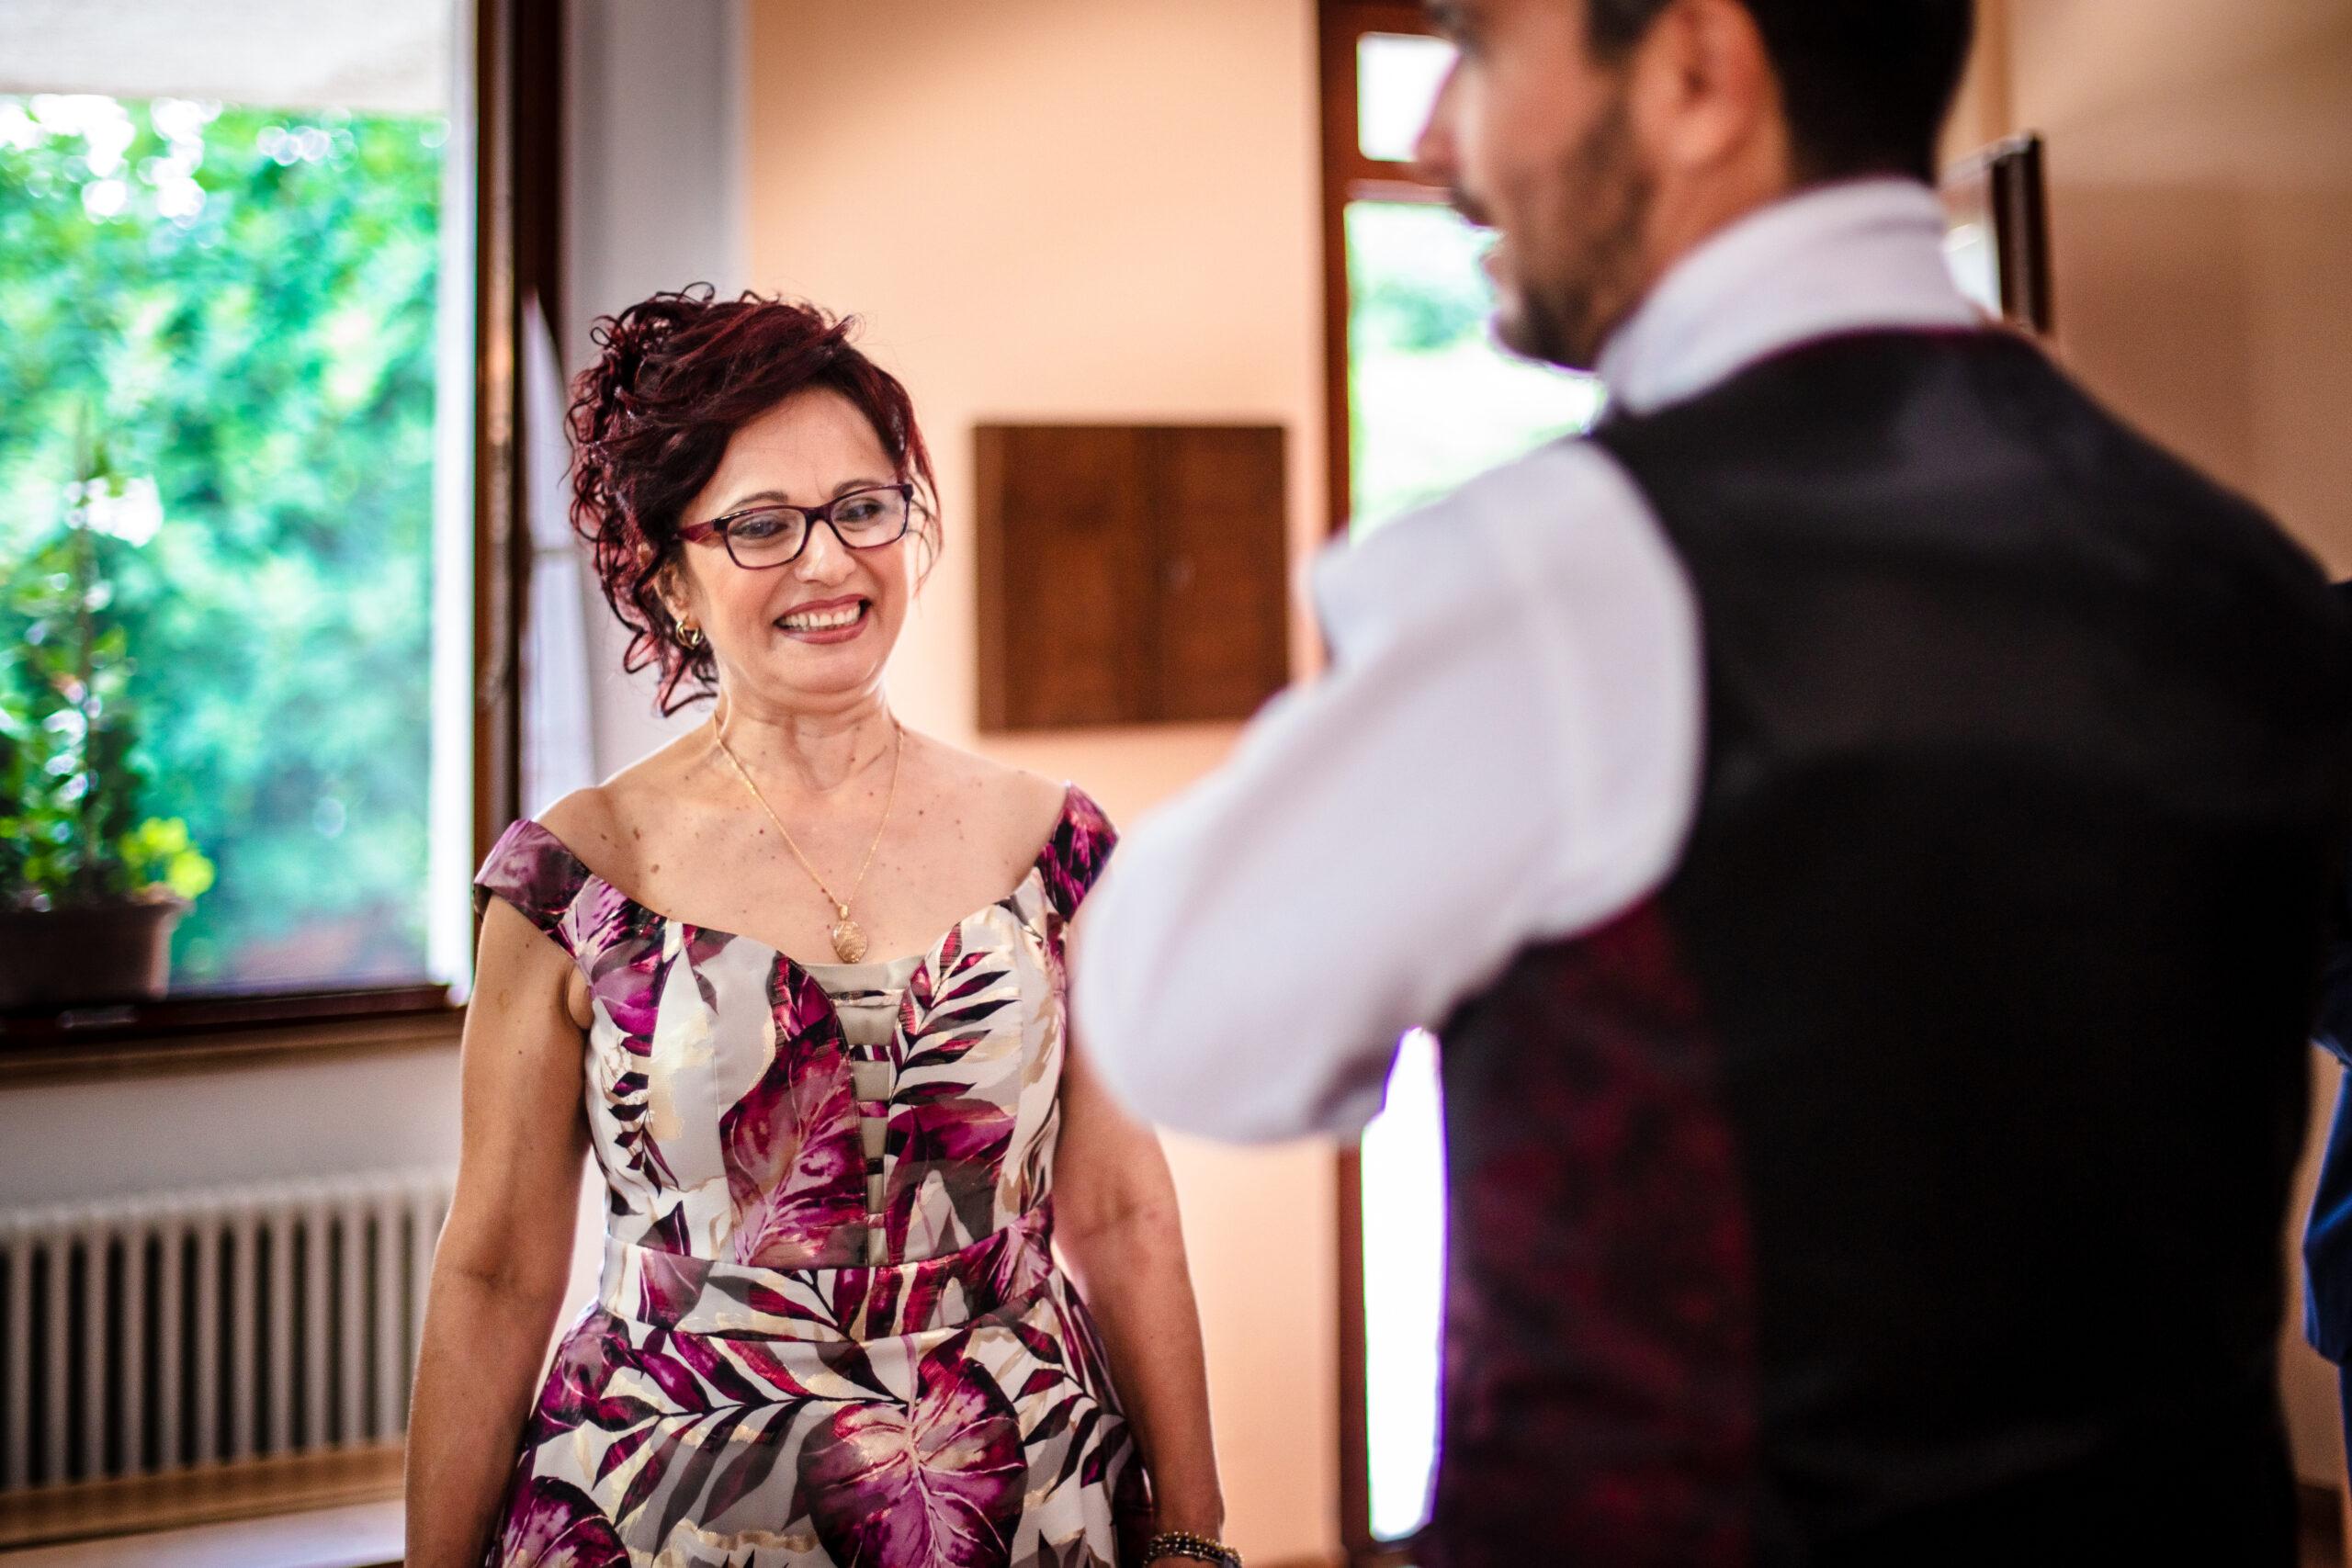 la mamma dello sposo si emoziona